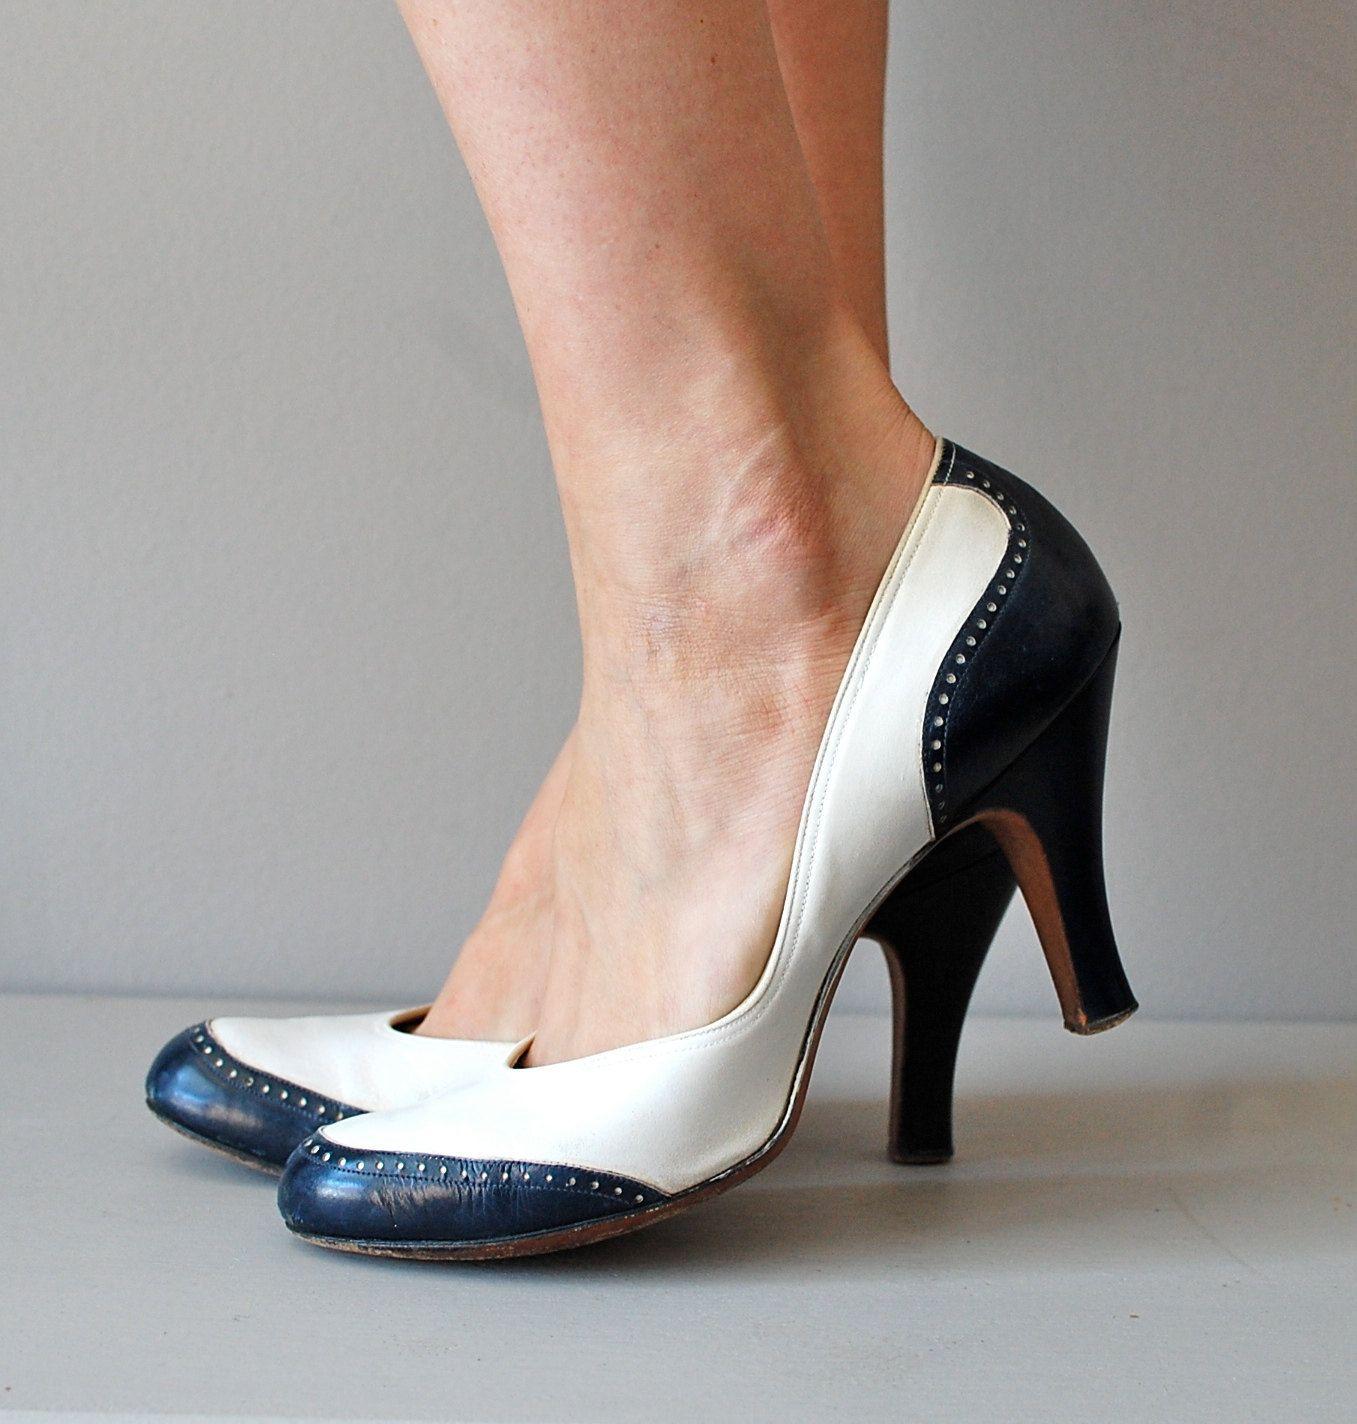 e6b639b6c7c2f vintage 40s shoes / 40s shoes / spectator / Deauville heels ...